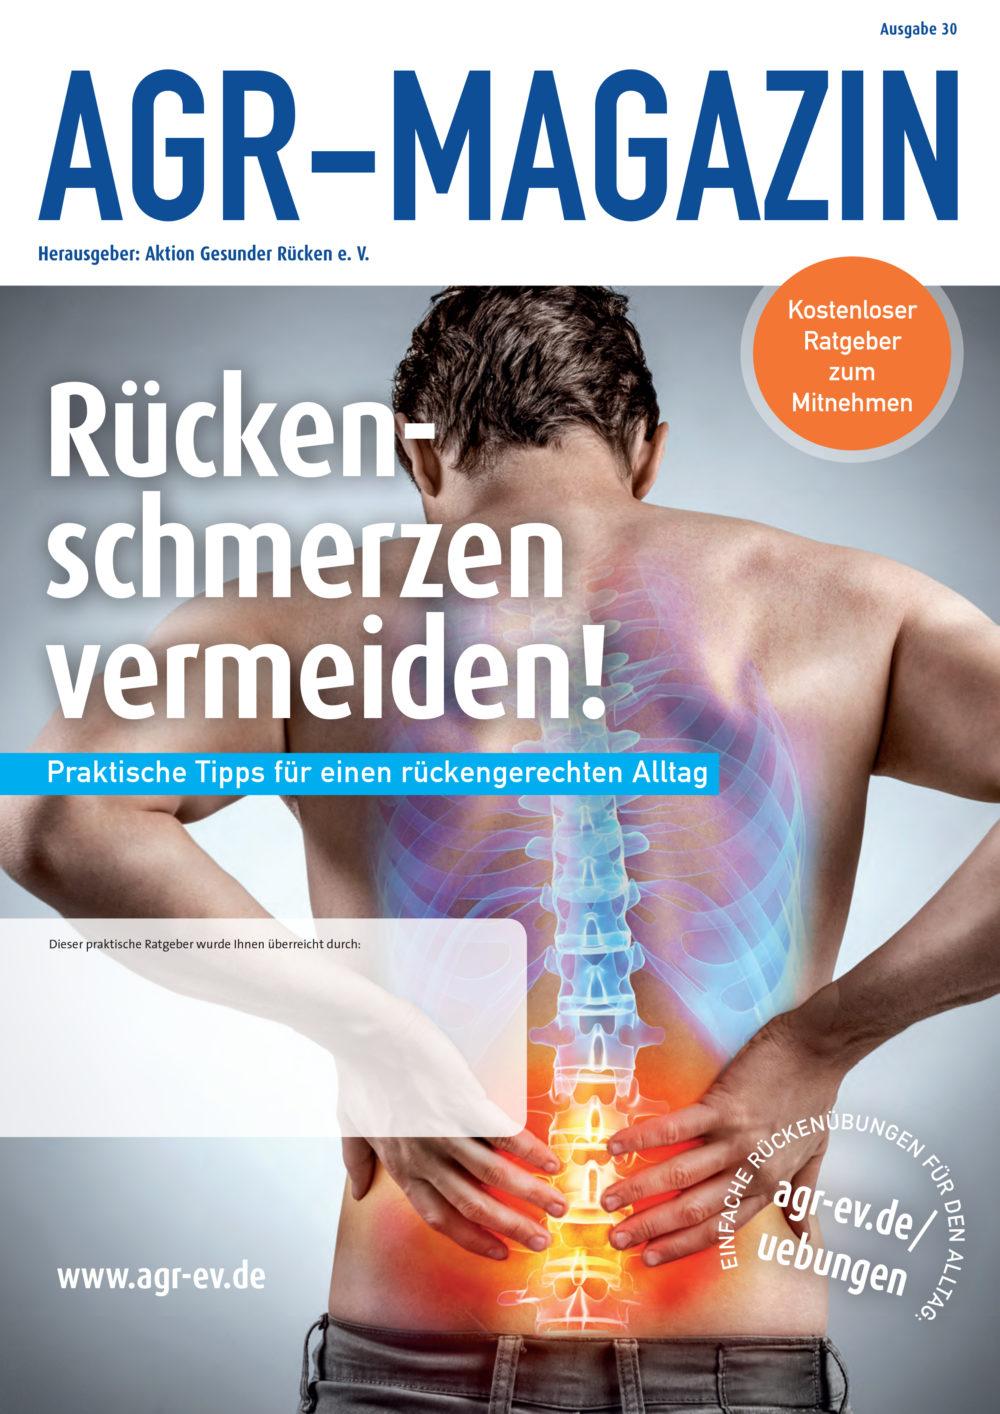 Die 30. Ausgabe des AGR-Magazins ist ab sofort kostenfrei erhältlich. (Bild: obs/AGR)